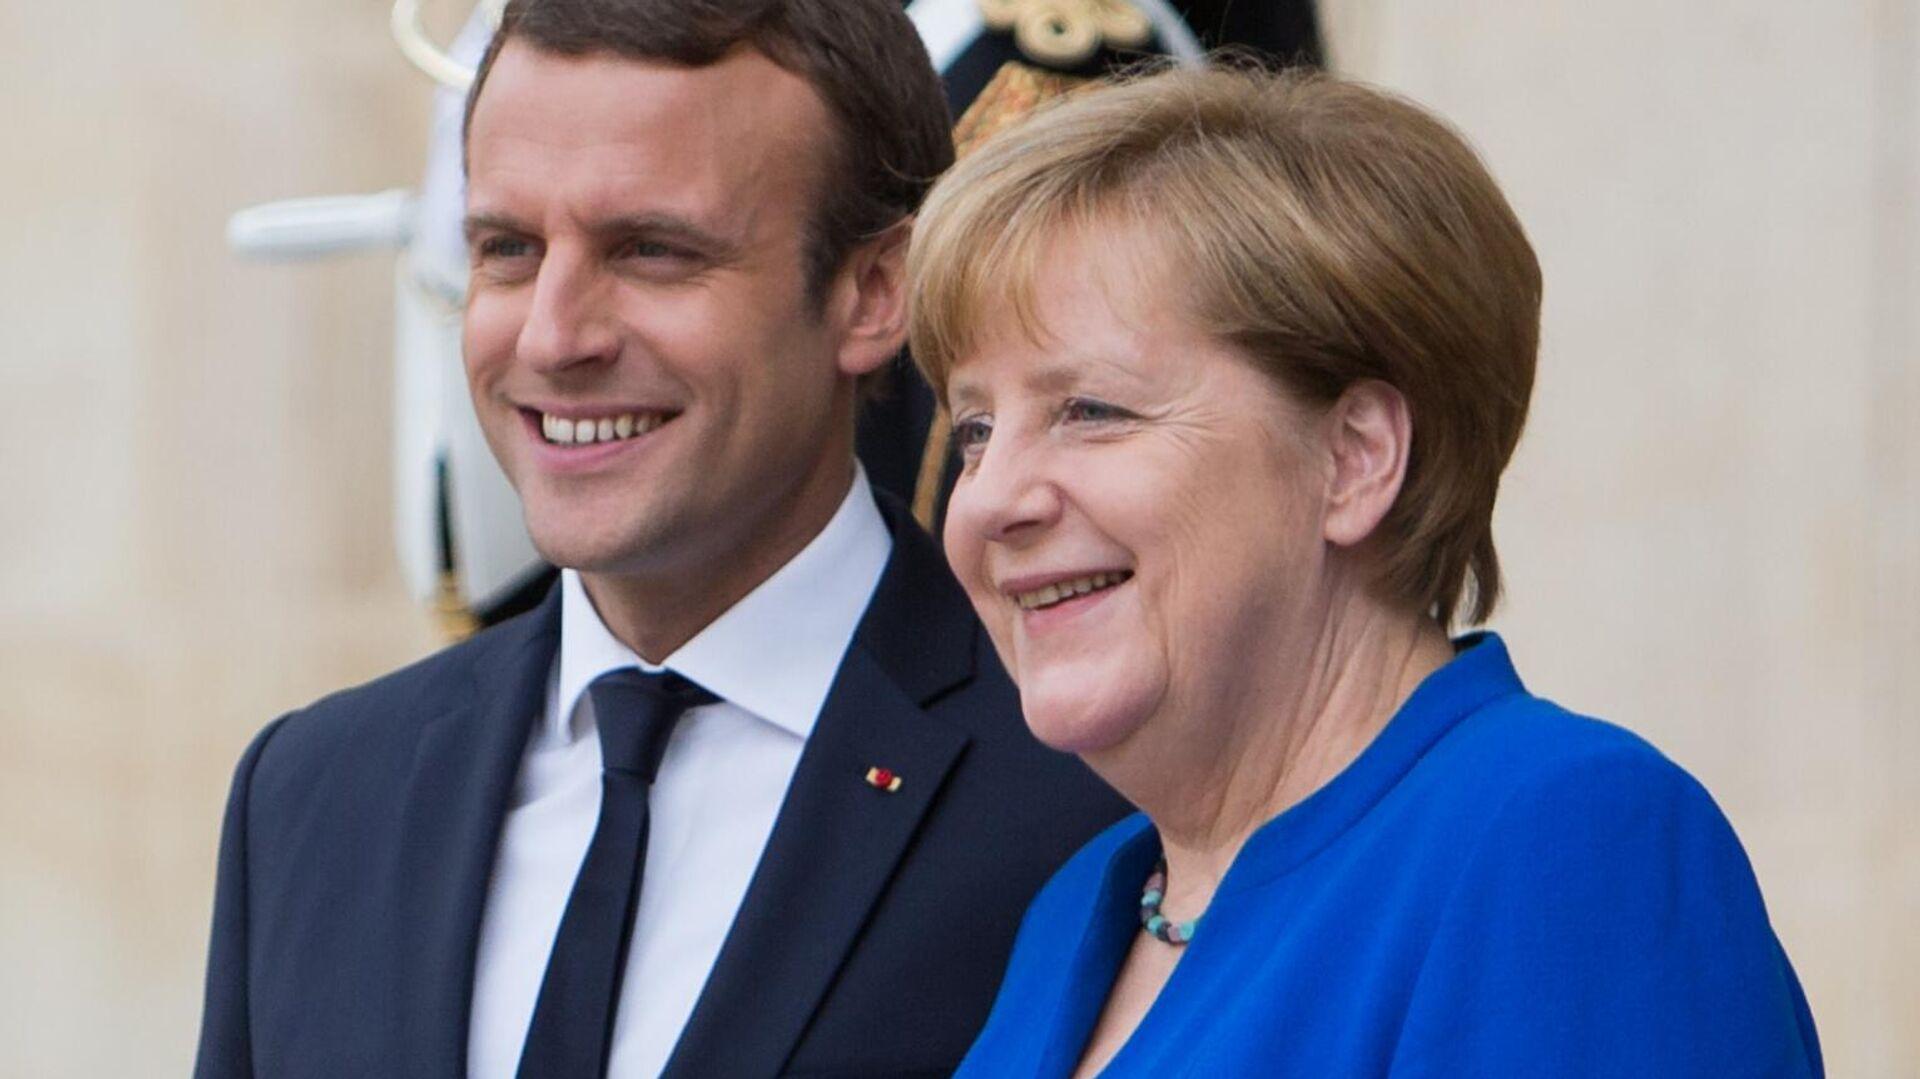 Bundeskanzlerin Angela Merkel und Frankreichs Präsident Emmanuel Macron (Archivbild) - SNA, 1920, 16.09.2021